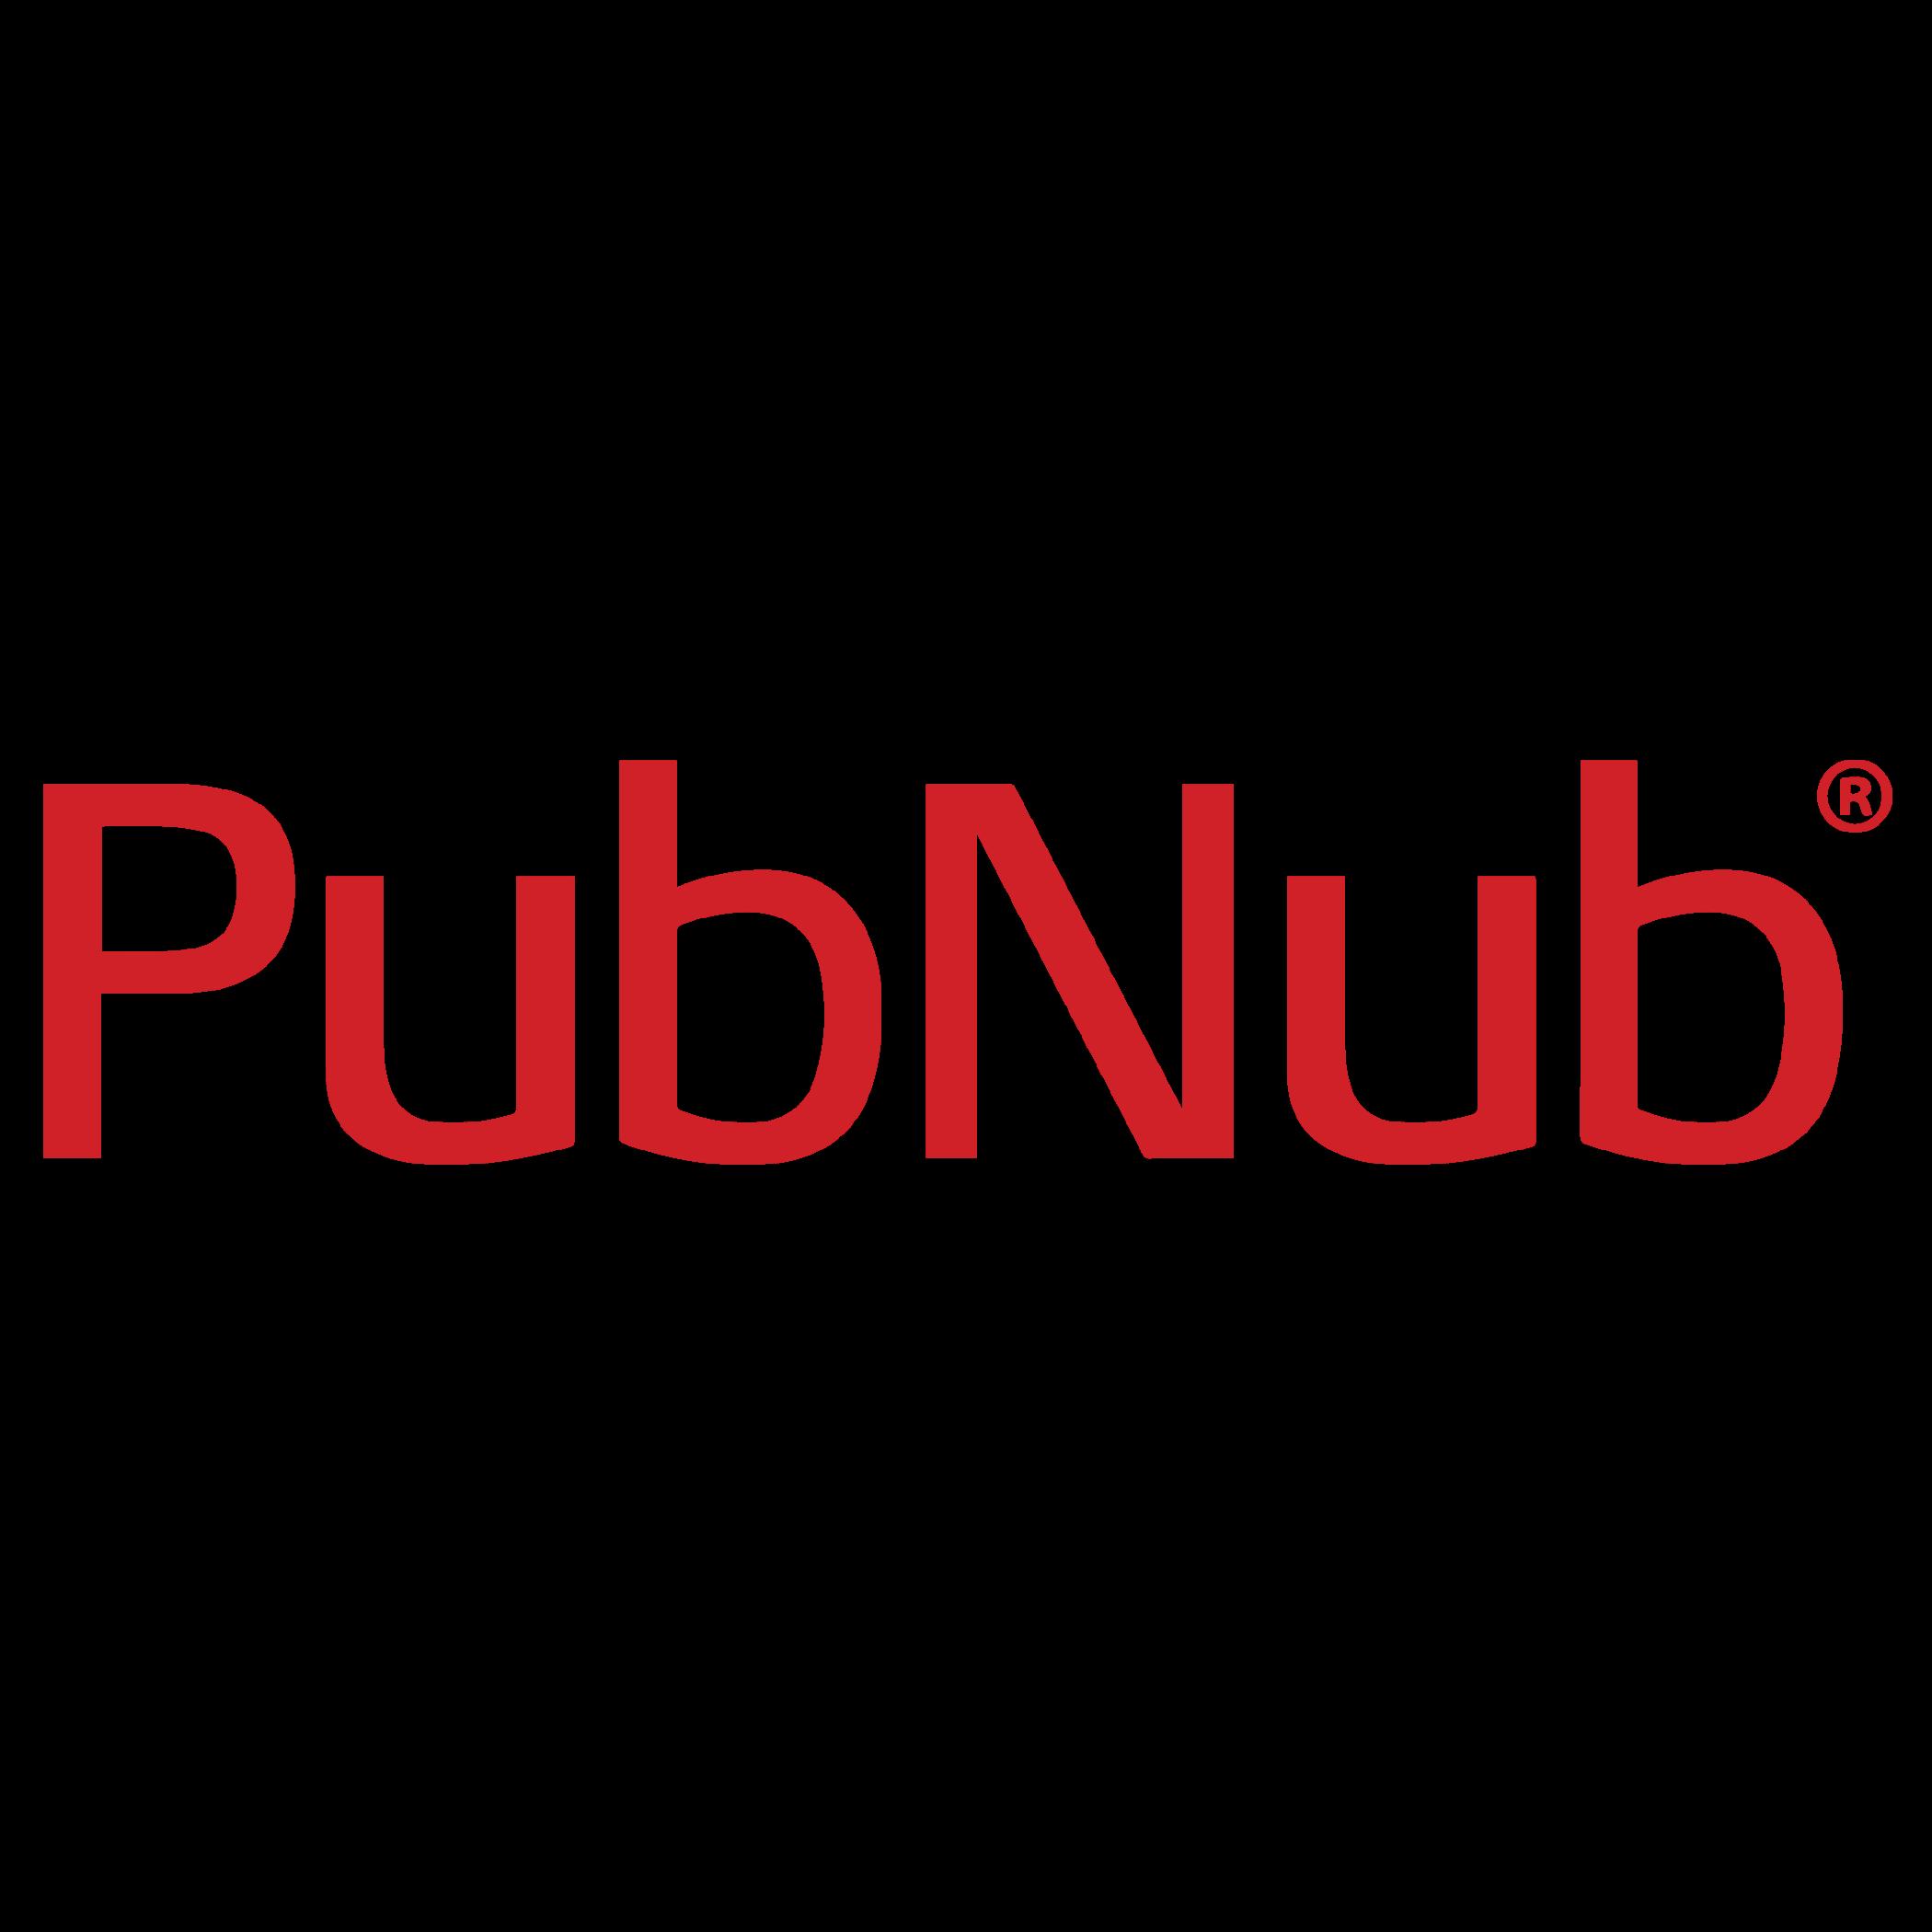 PubNub's Logo.